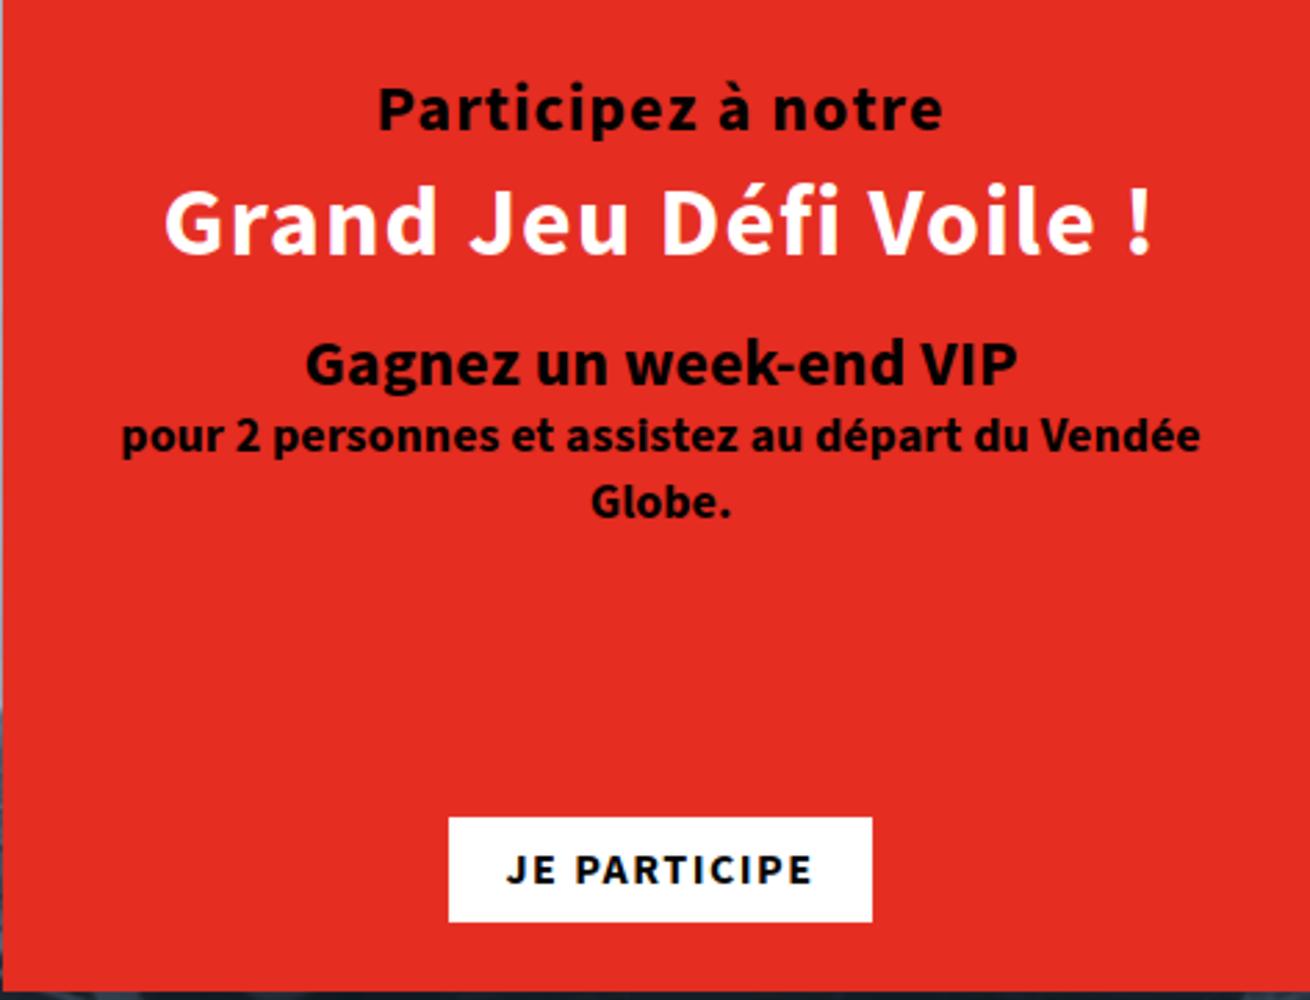 Gagnez un week-end VIP pour 2 personnes aux Sables-d'Olonne 0